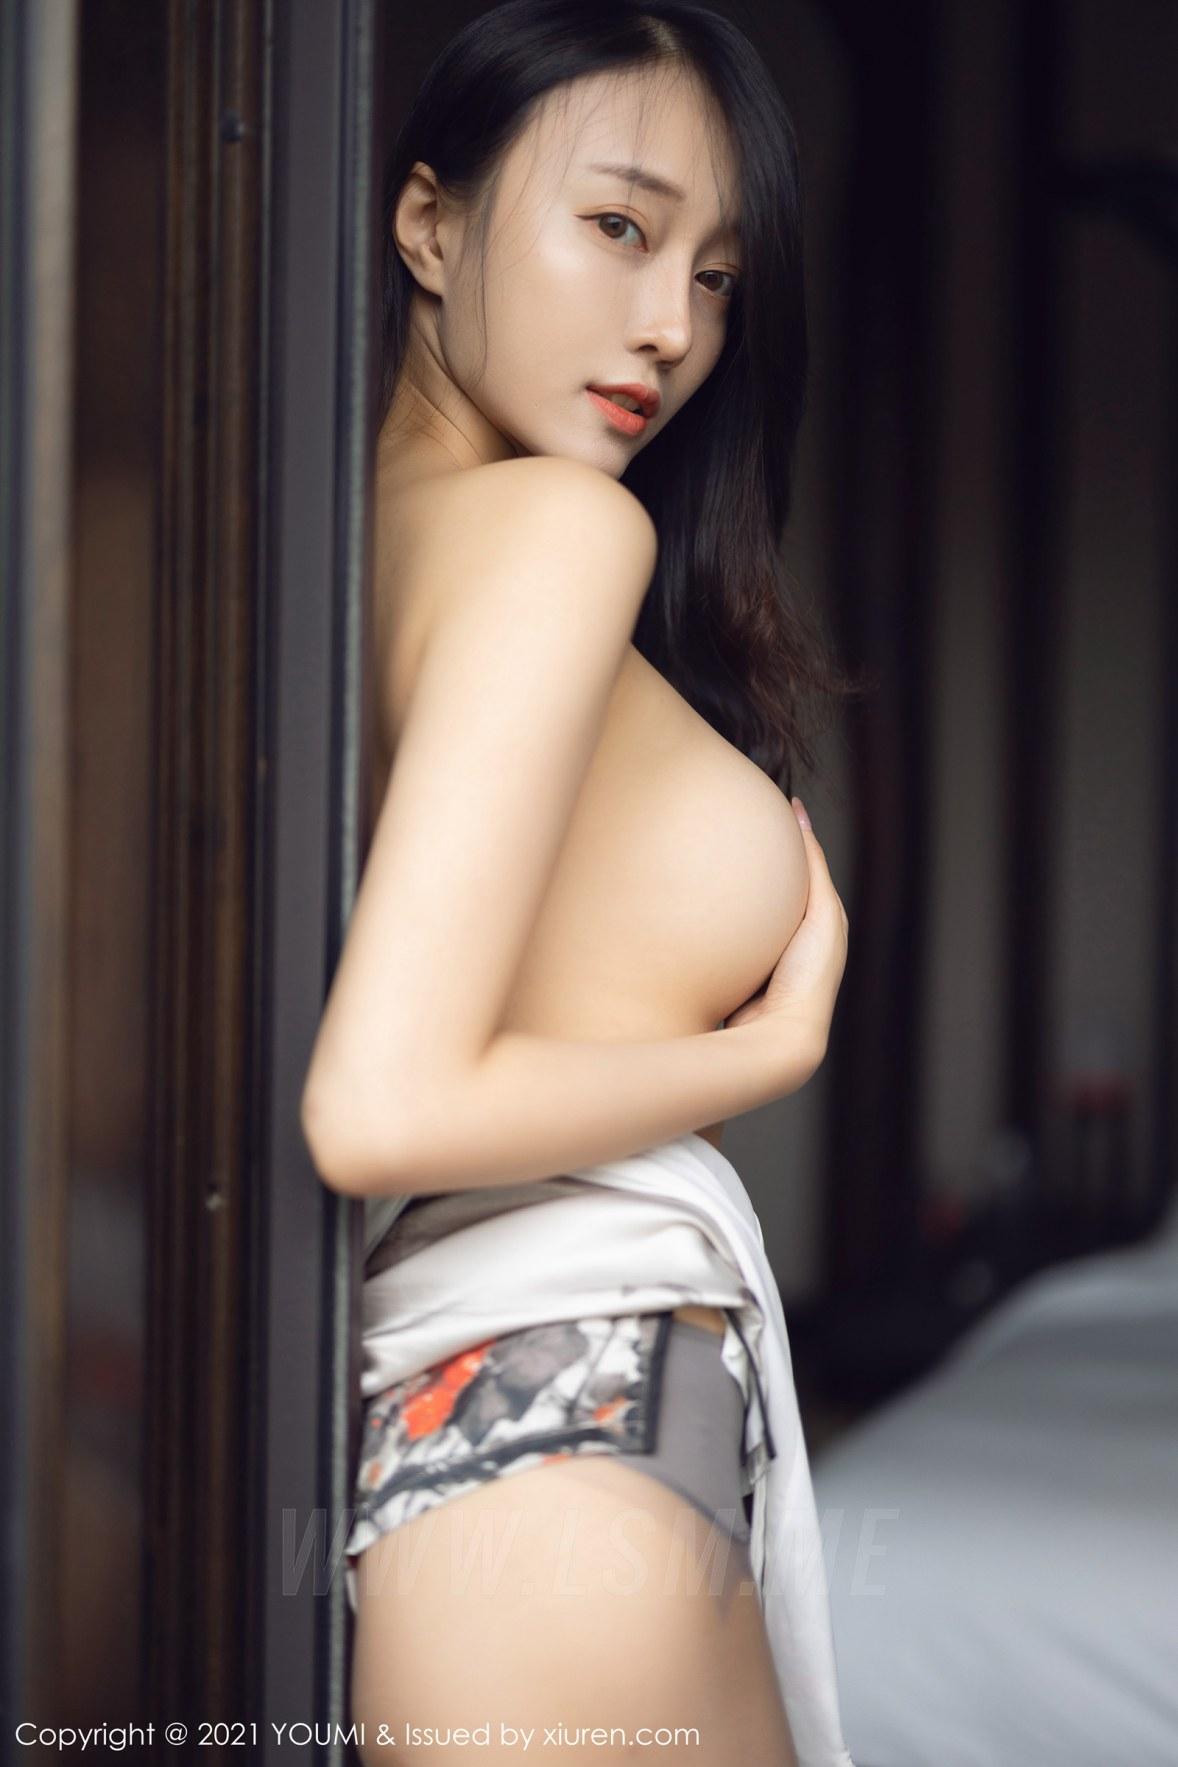 635 049 55i 3600 5400 - YOUMI 尤蜜荟 Vol.635  浪漫旗袍 玥儿玥er - 尤蜜荟 -【免费在线写真】【丽人丝语】